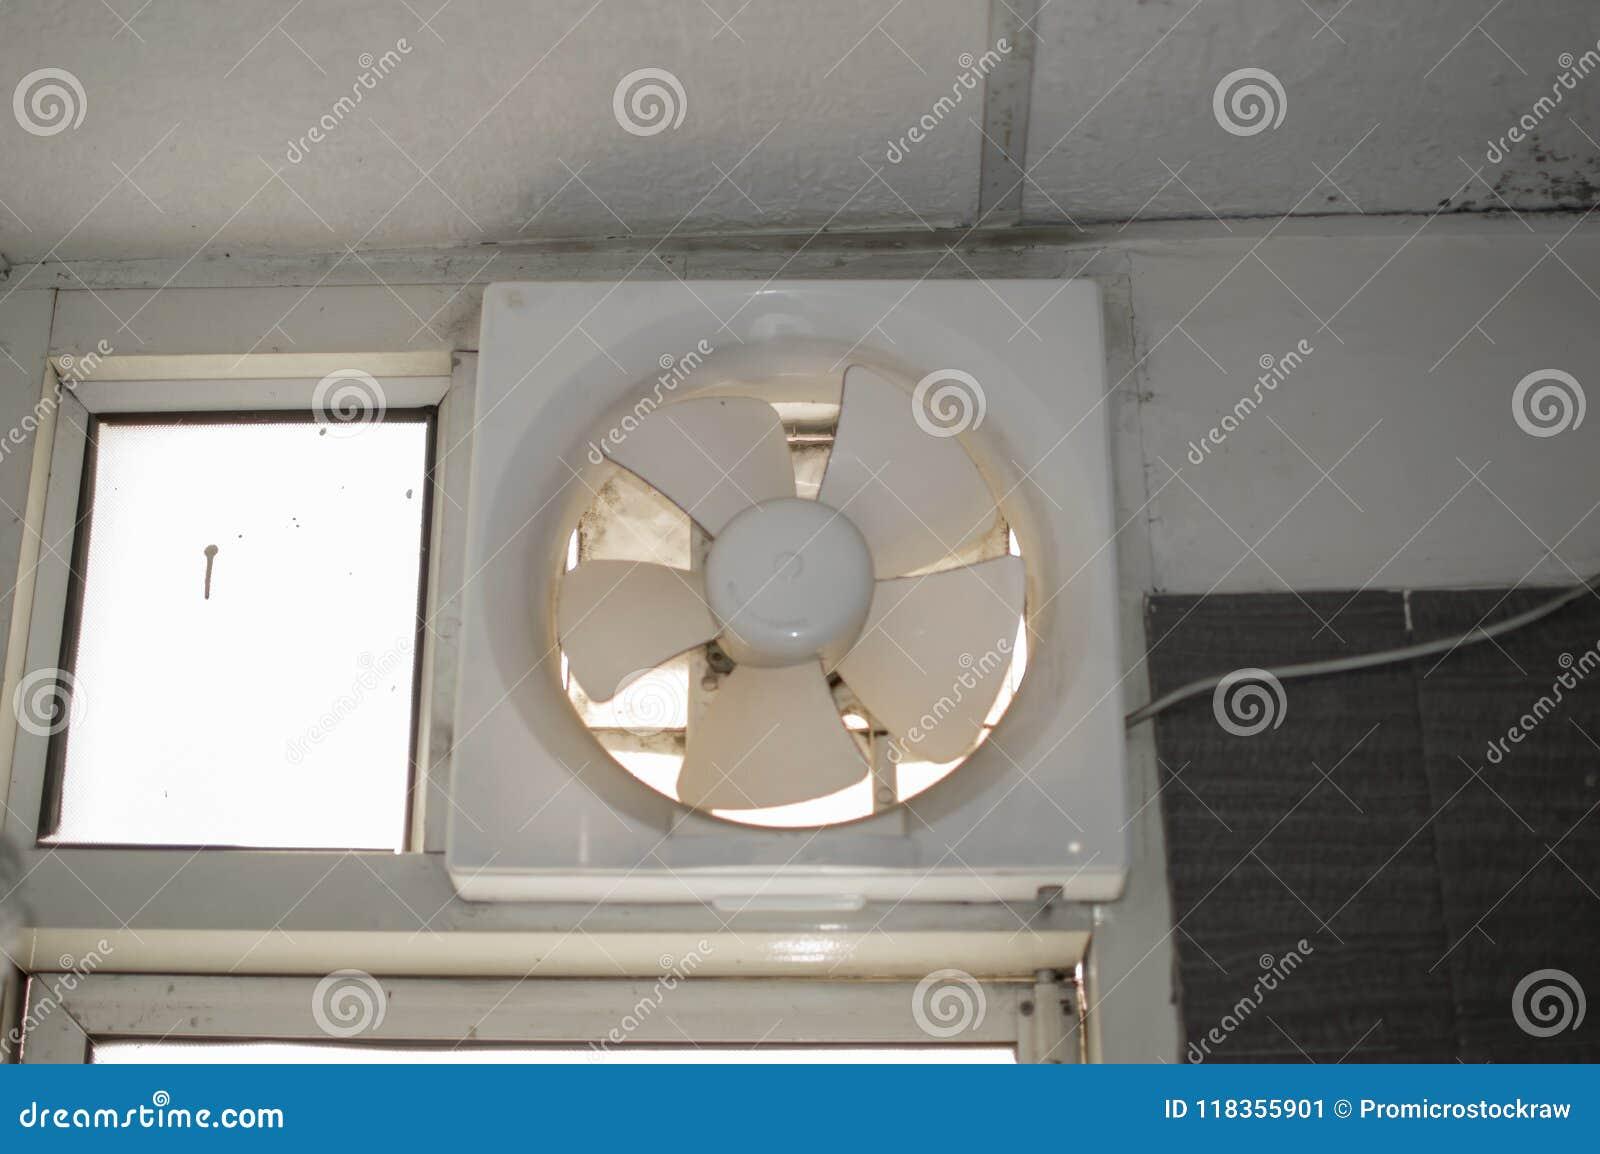 Exhaust Fan In Bathroom Stock Image Image Of Cooler 118355901